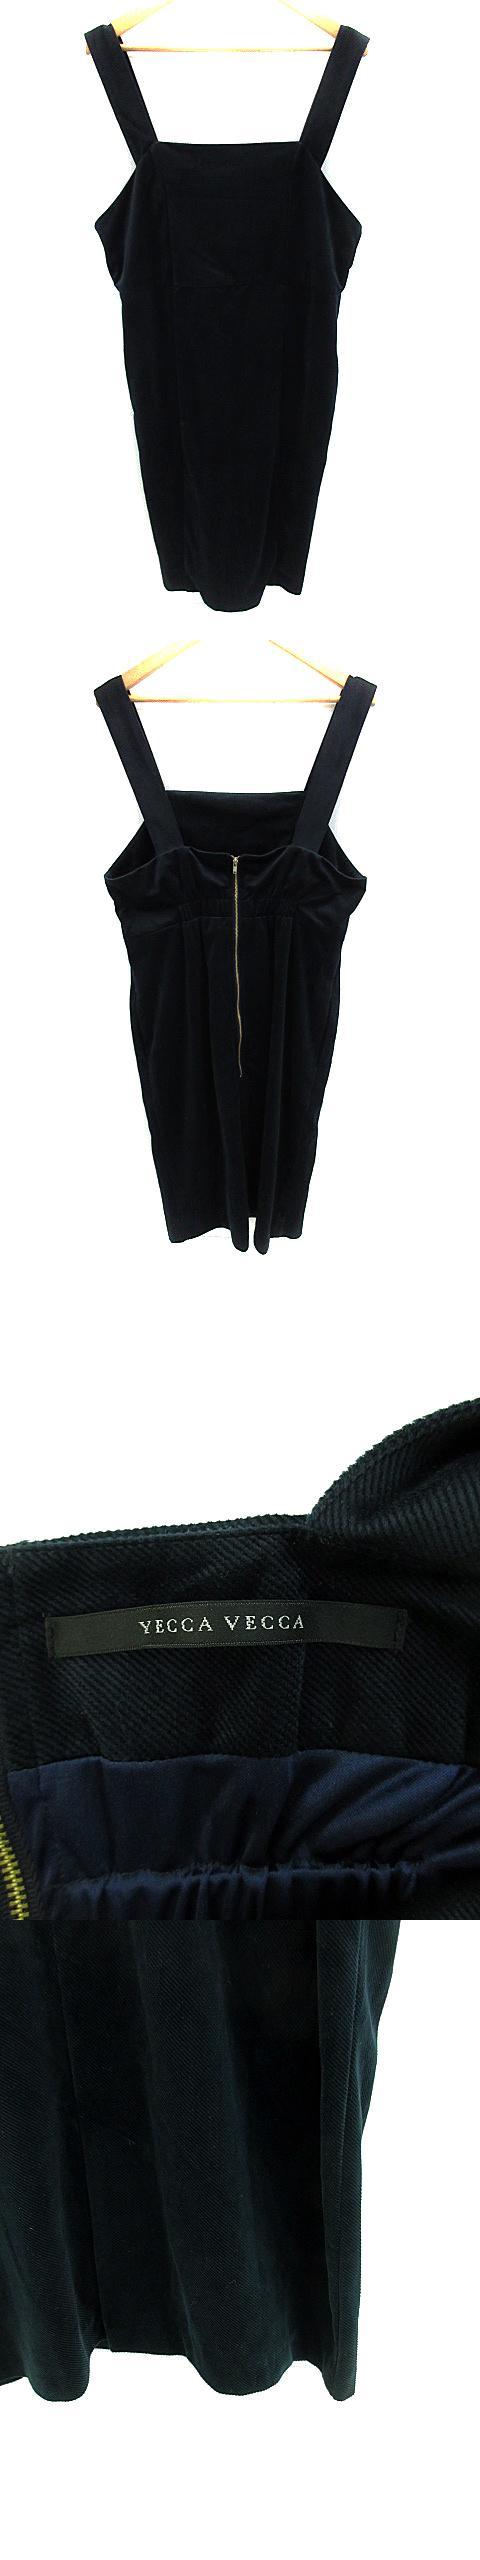 ワンピース ジャンパースカート ロング ノースリーブ コーデュロイ スリット F 紺 ネイビー /NS20